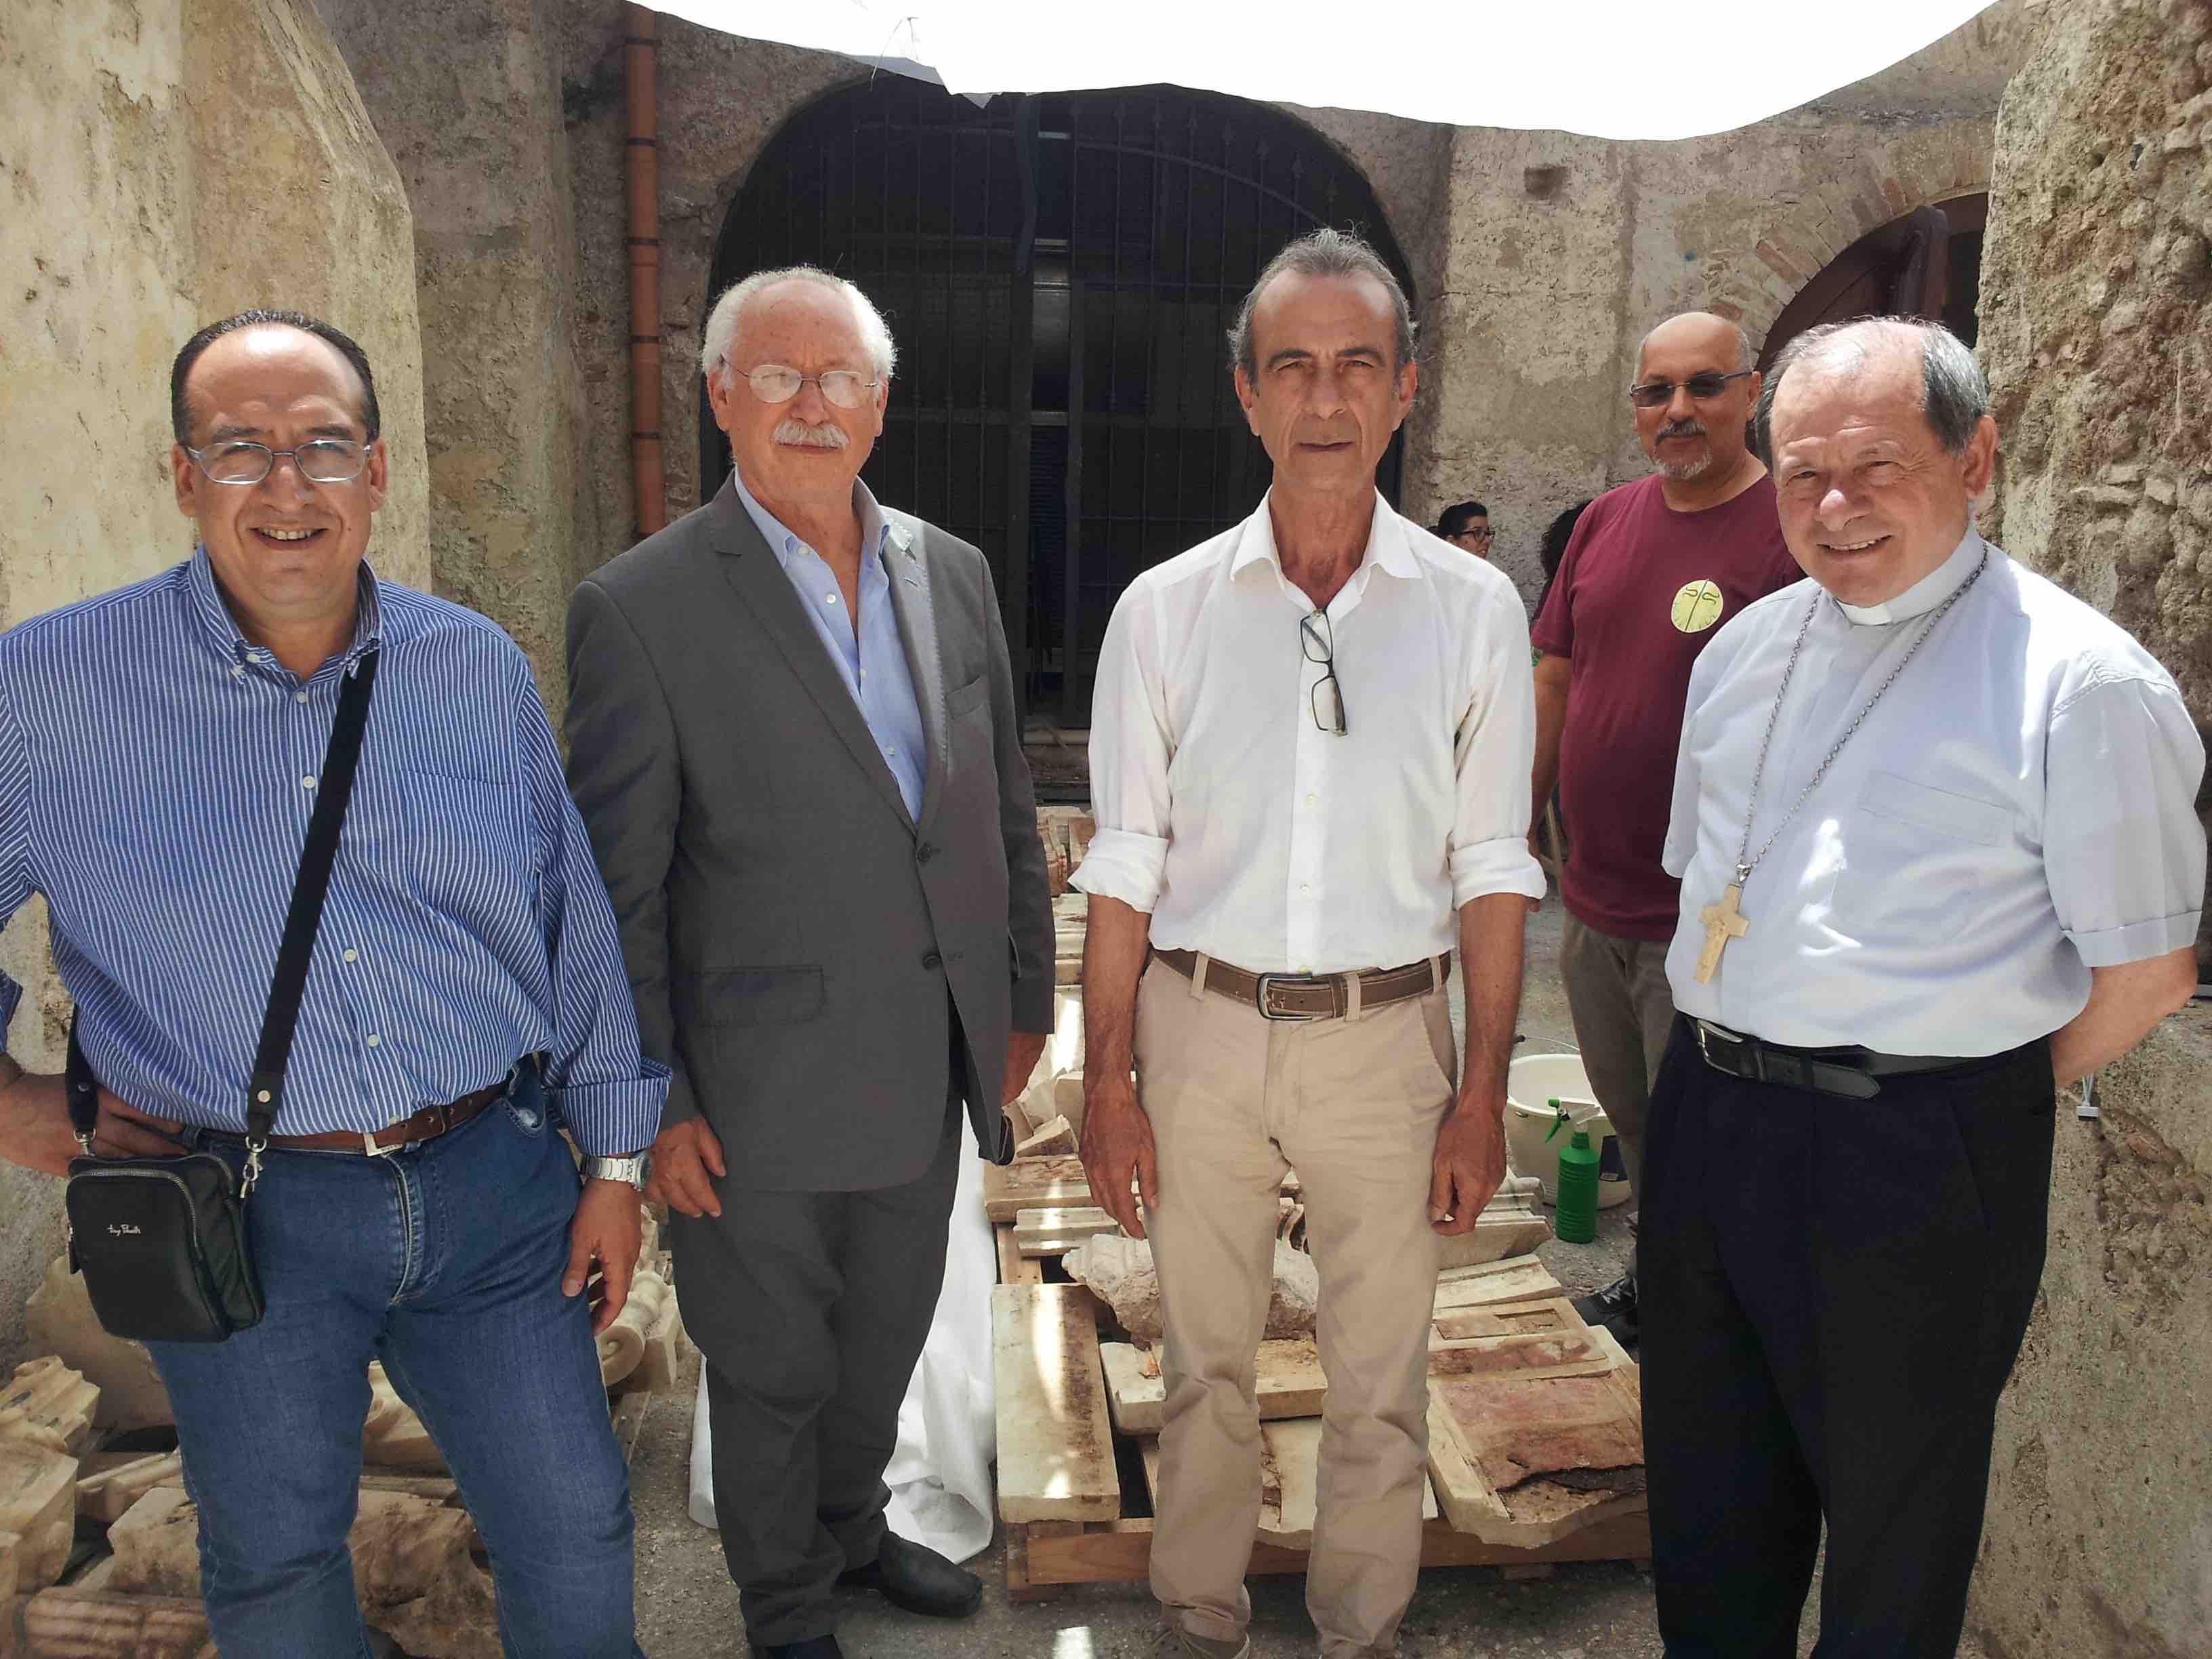 Il Sindaco Giuseppe Pezzimenti incontra il Vescovo della Diocesi di Locri-Gerace, S.E. Mons. Francesco Oliva